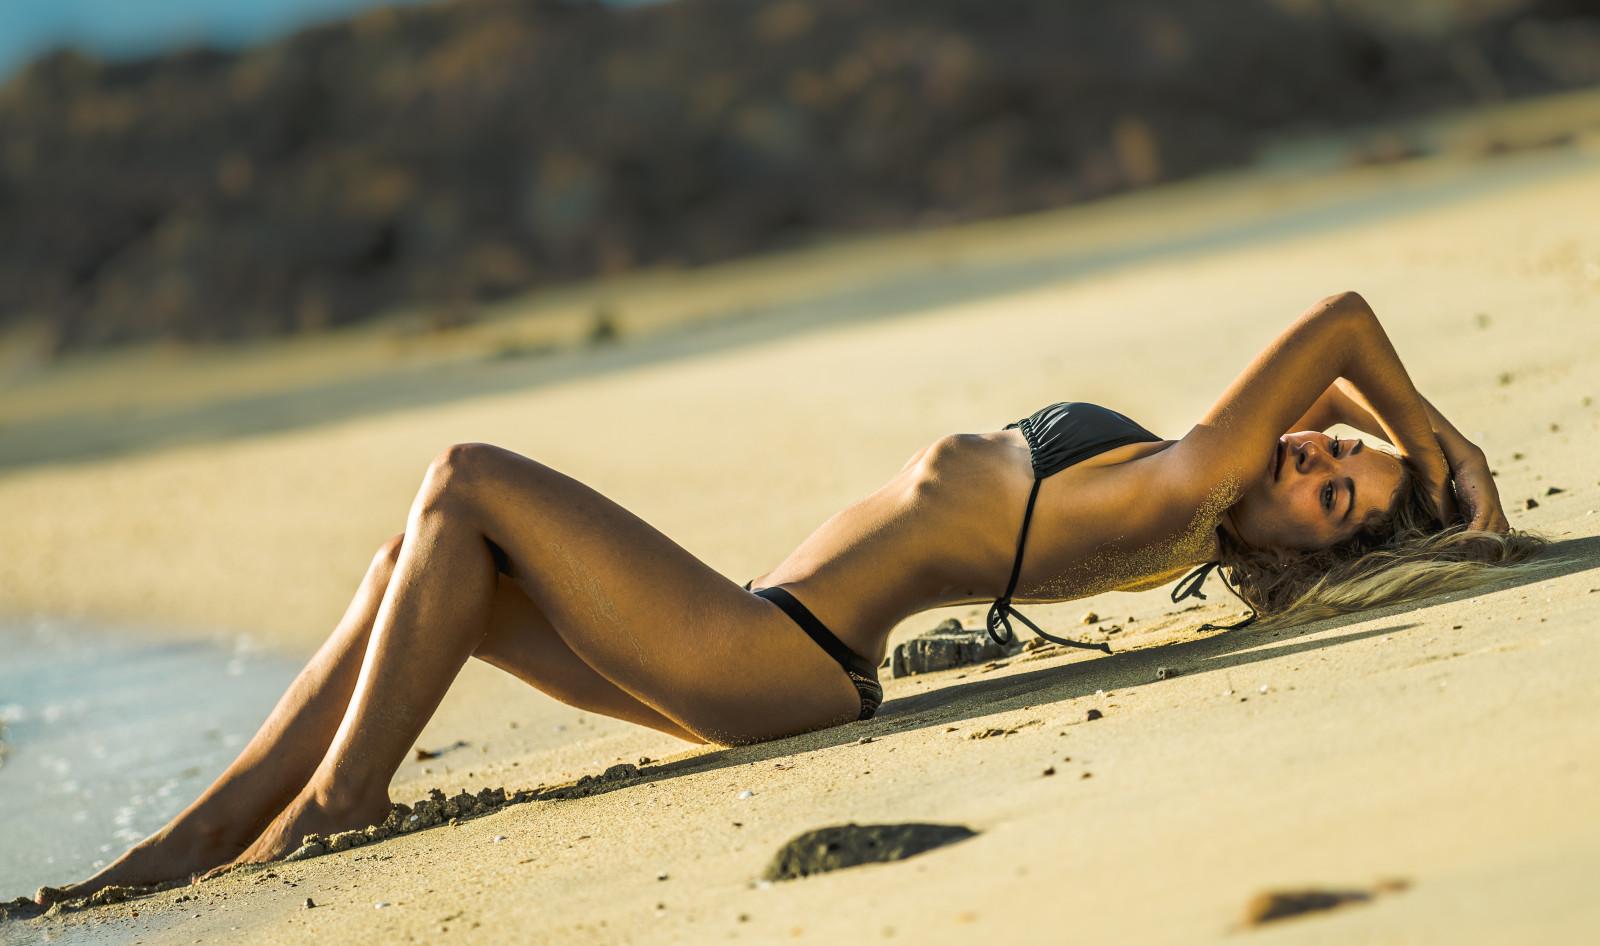 порно фото девушки блондинки в черном купальнике себе домой, раздумывая